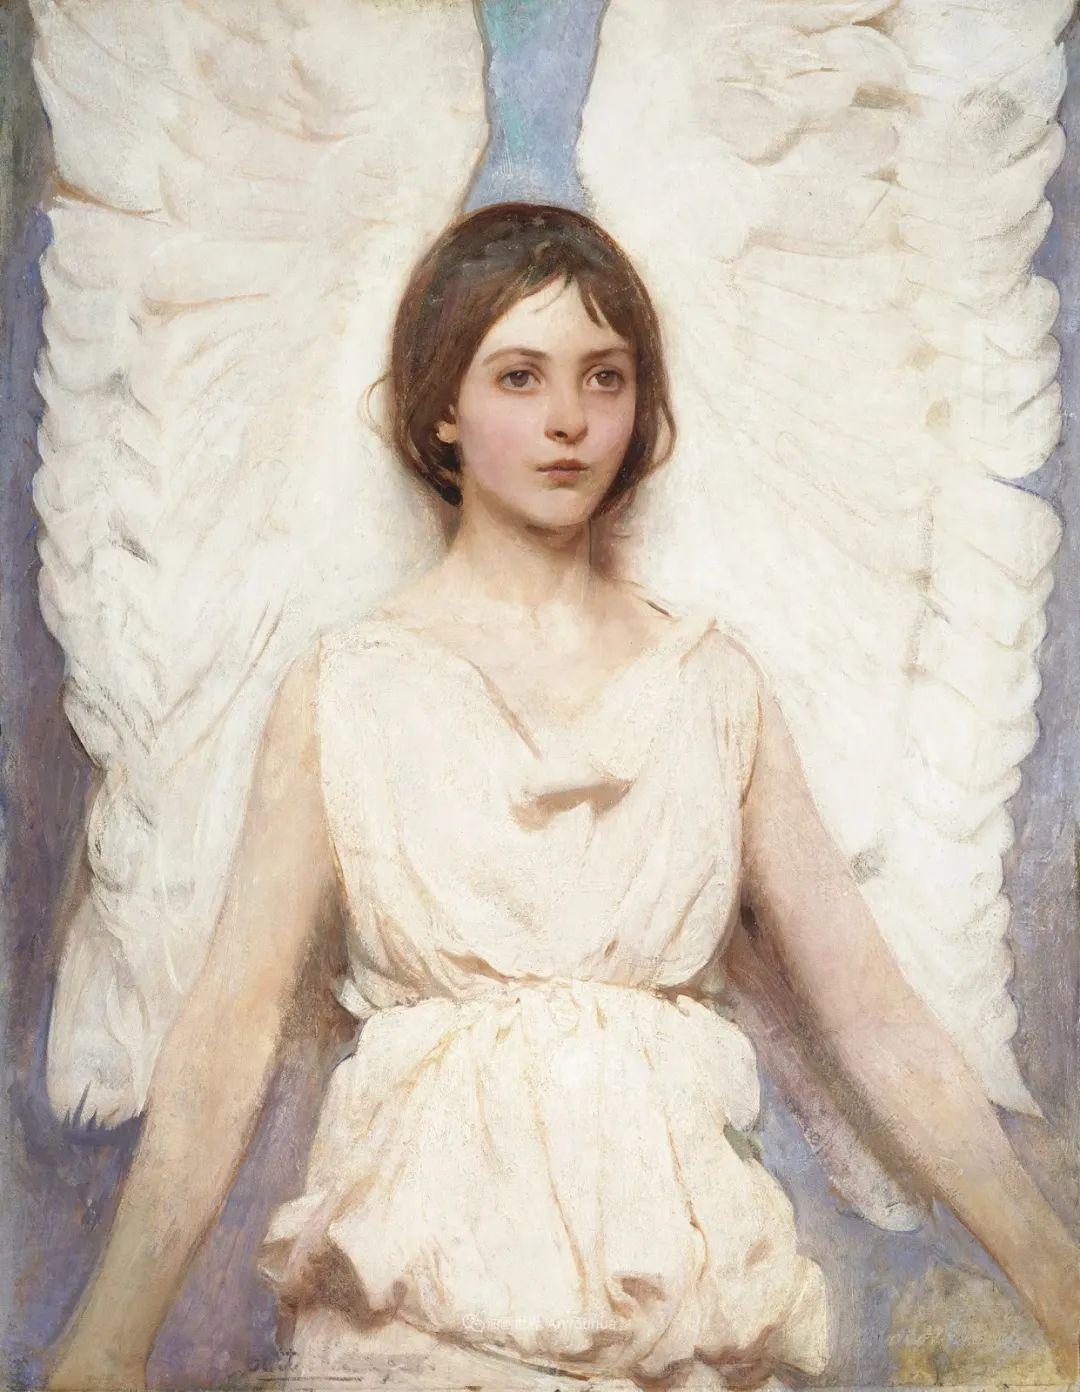 空灵的天使,精美绝伦!插图3